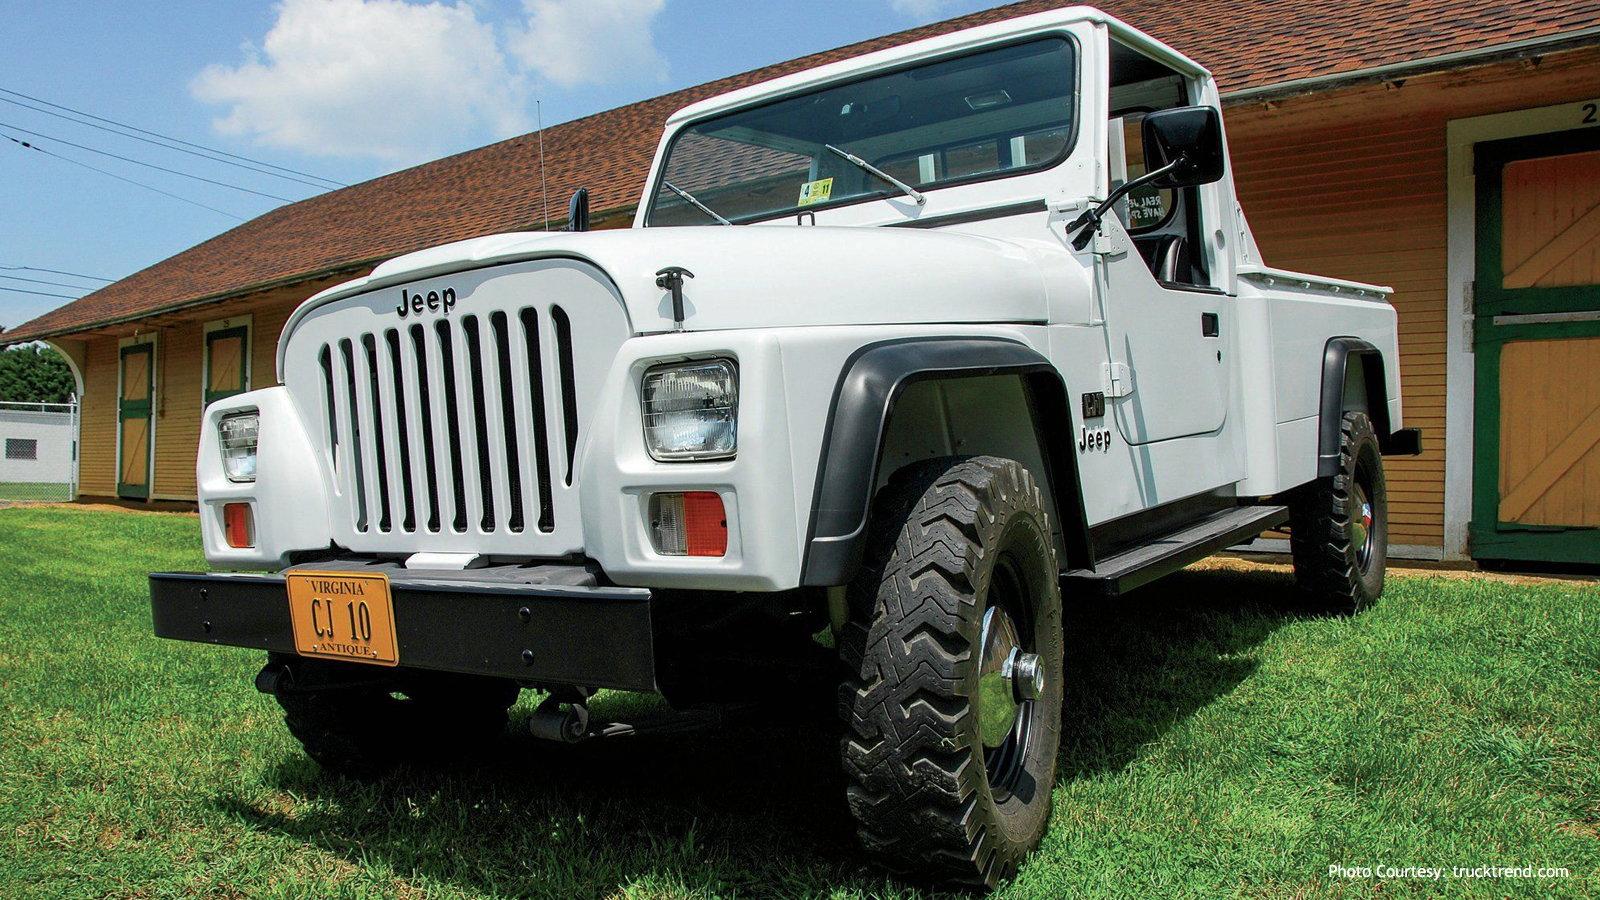 Jeep CJ-10